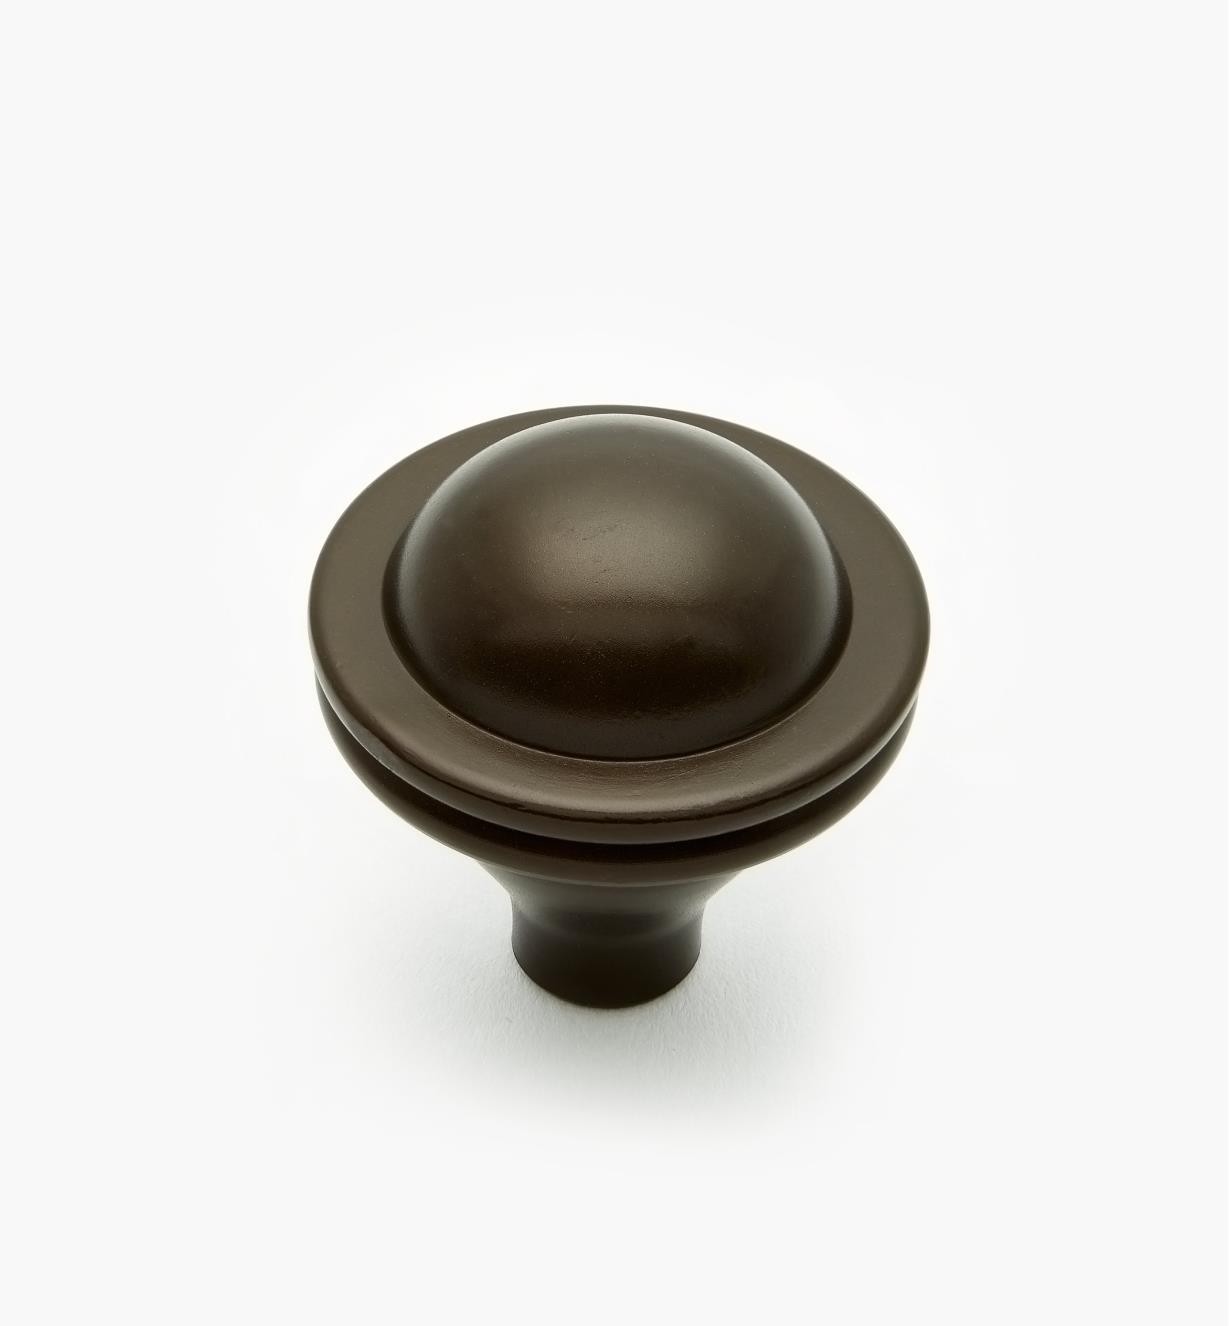 02W4017 - Bouton Saturne de 1 5/16 po x 1 3/8 po, finibronzehuilé